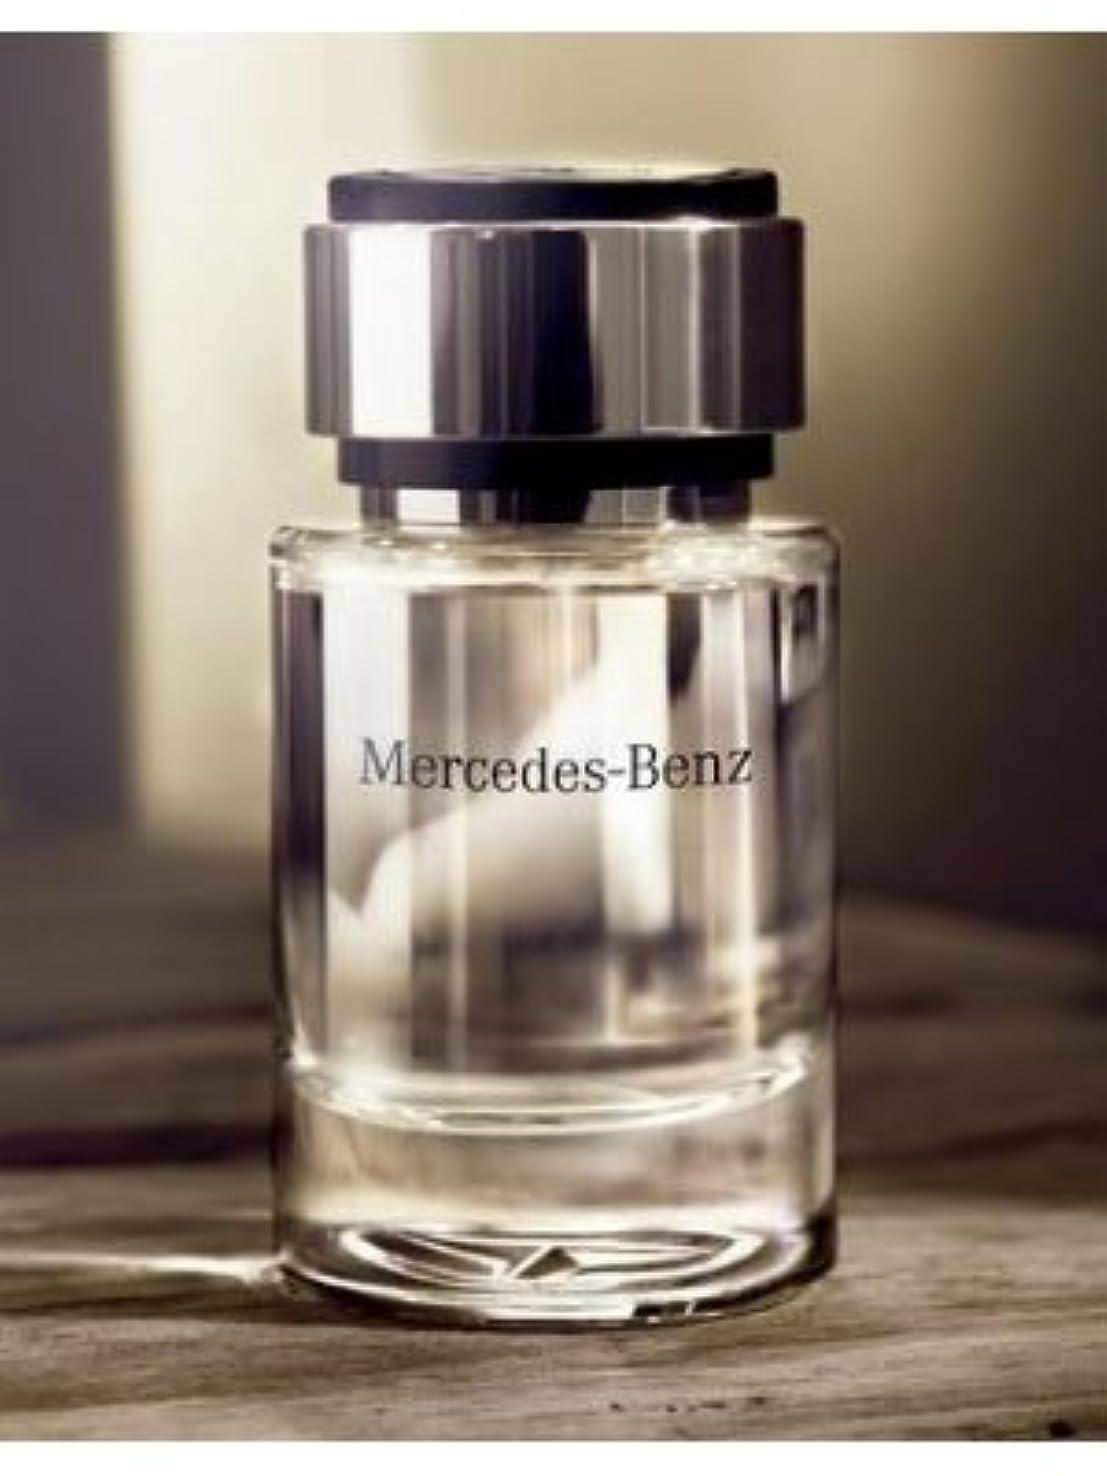 パン屋ドラム洞察力Mercedes-Benz (メルセデス ベンツ) 2.6 oz (75g) Deodorant Stick (デオドラントスティック) by Mercedes-Benz for Men